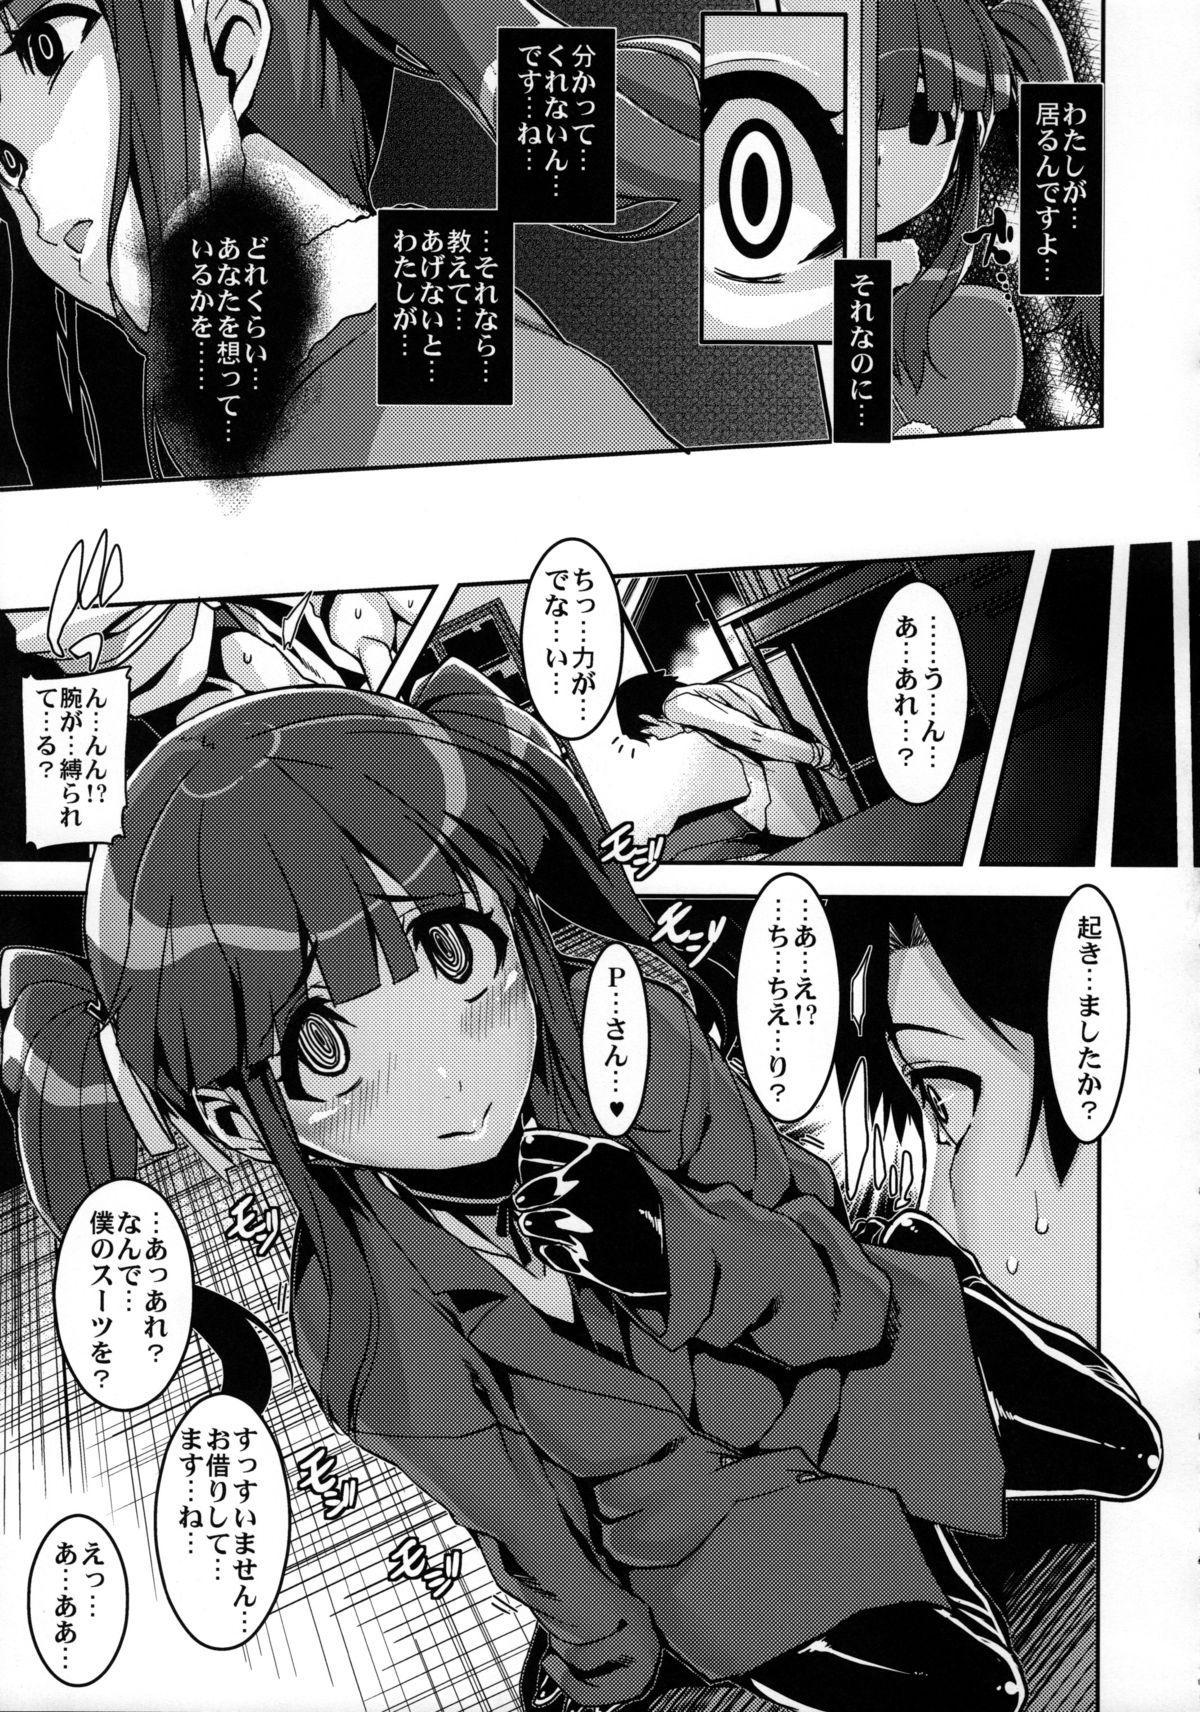 Kyousei:P Chieri Iro Kyokudai Up 5